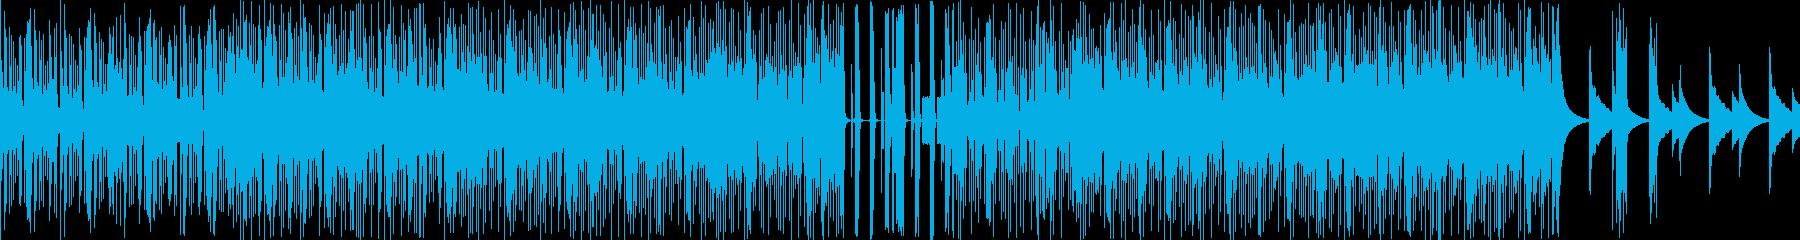 爽やかドラムンベースの再生済みの波形